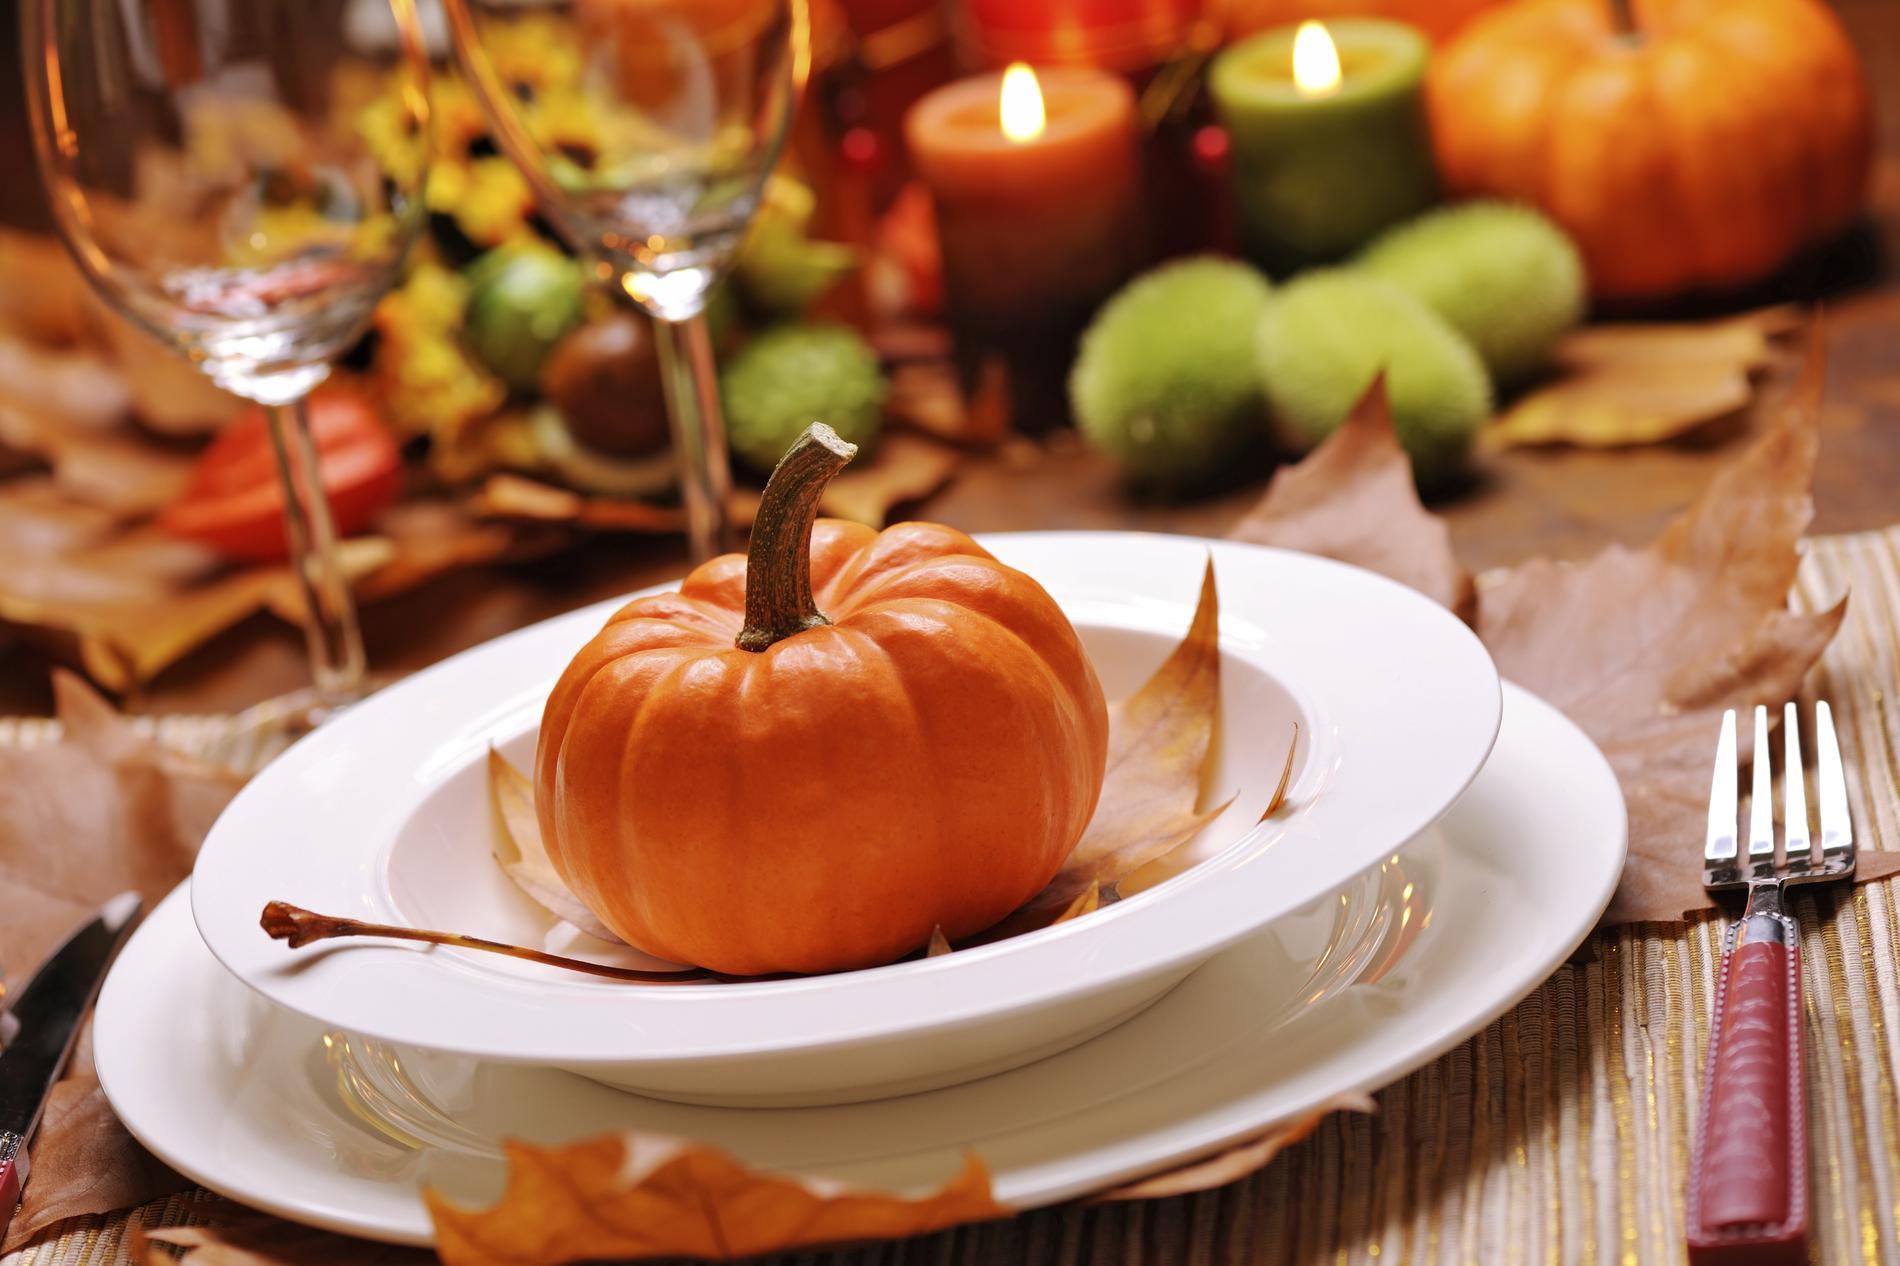 Recettes halloween recettes faciles et rapides cuisine - Recette de cuisine pour halloween facile ...